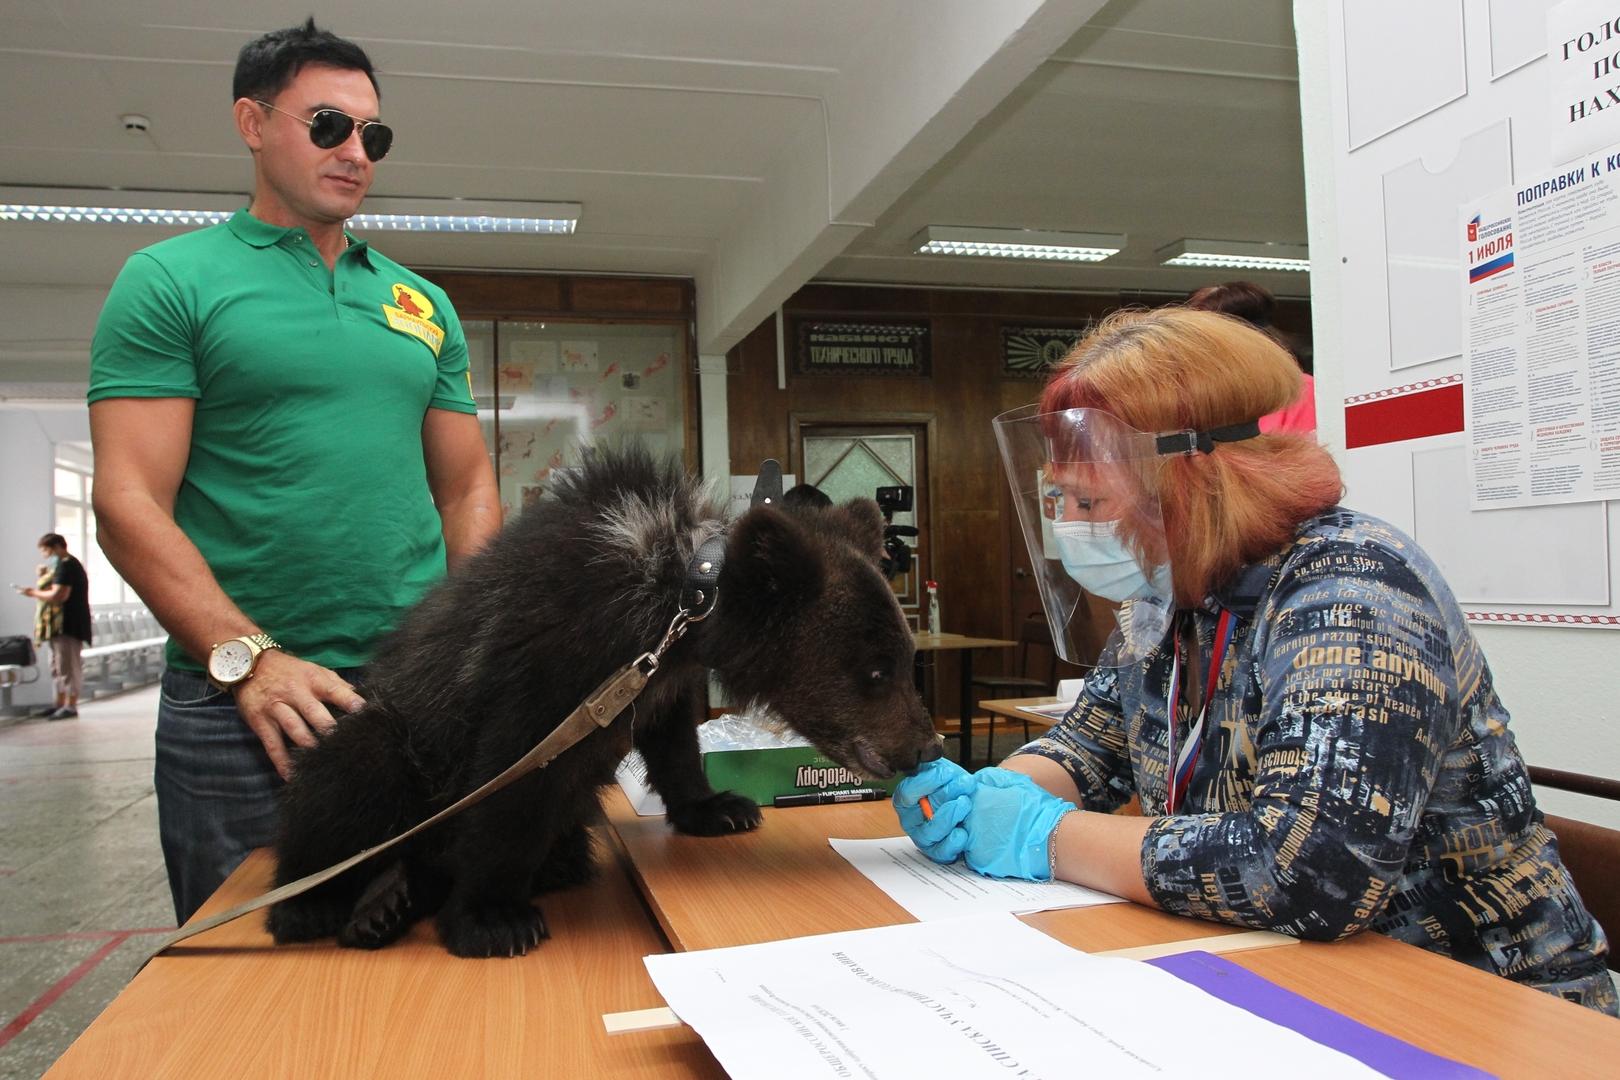 Der stellvertretende Direktor des Baranauler Zoos Alexander Tschebotarjow besucht mit der kleinen Bärin Dascha ein Wahllokal in Baranul, 1. Juli 2020.